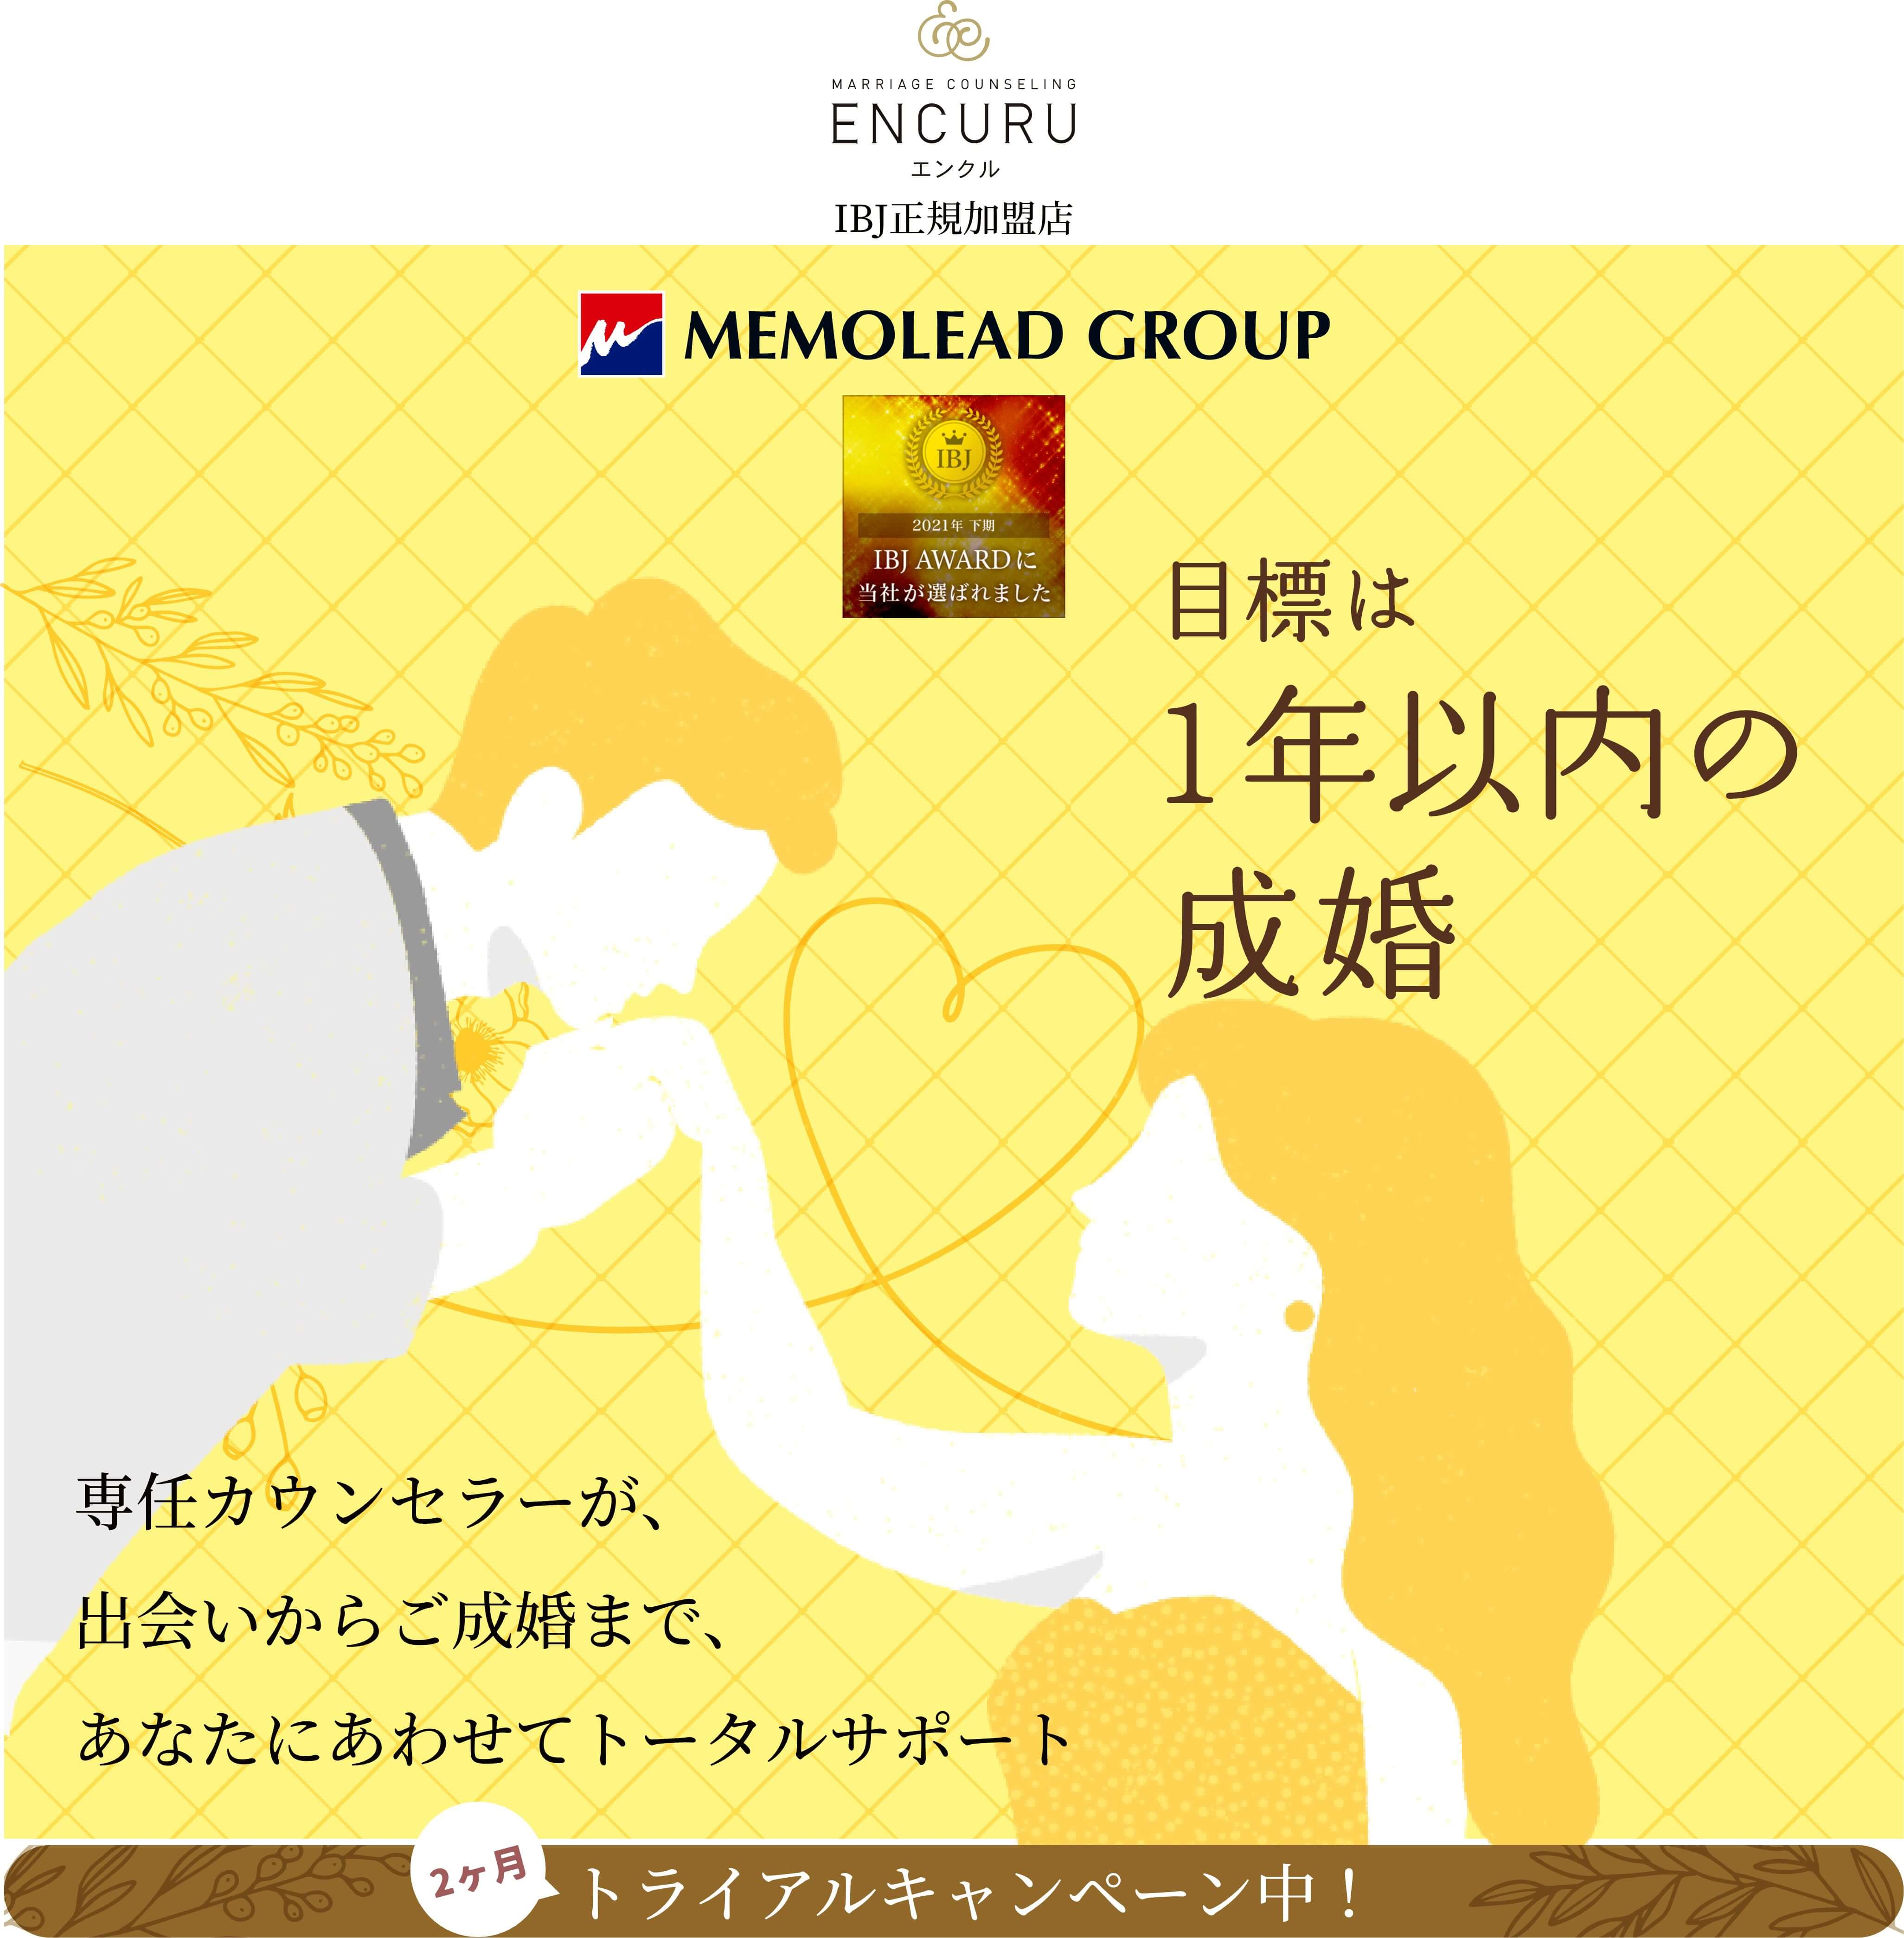 佐賀の結婚式場 エンクル